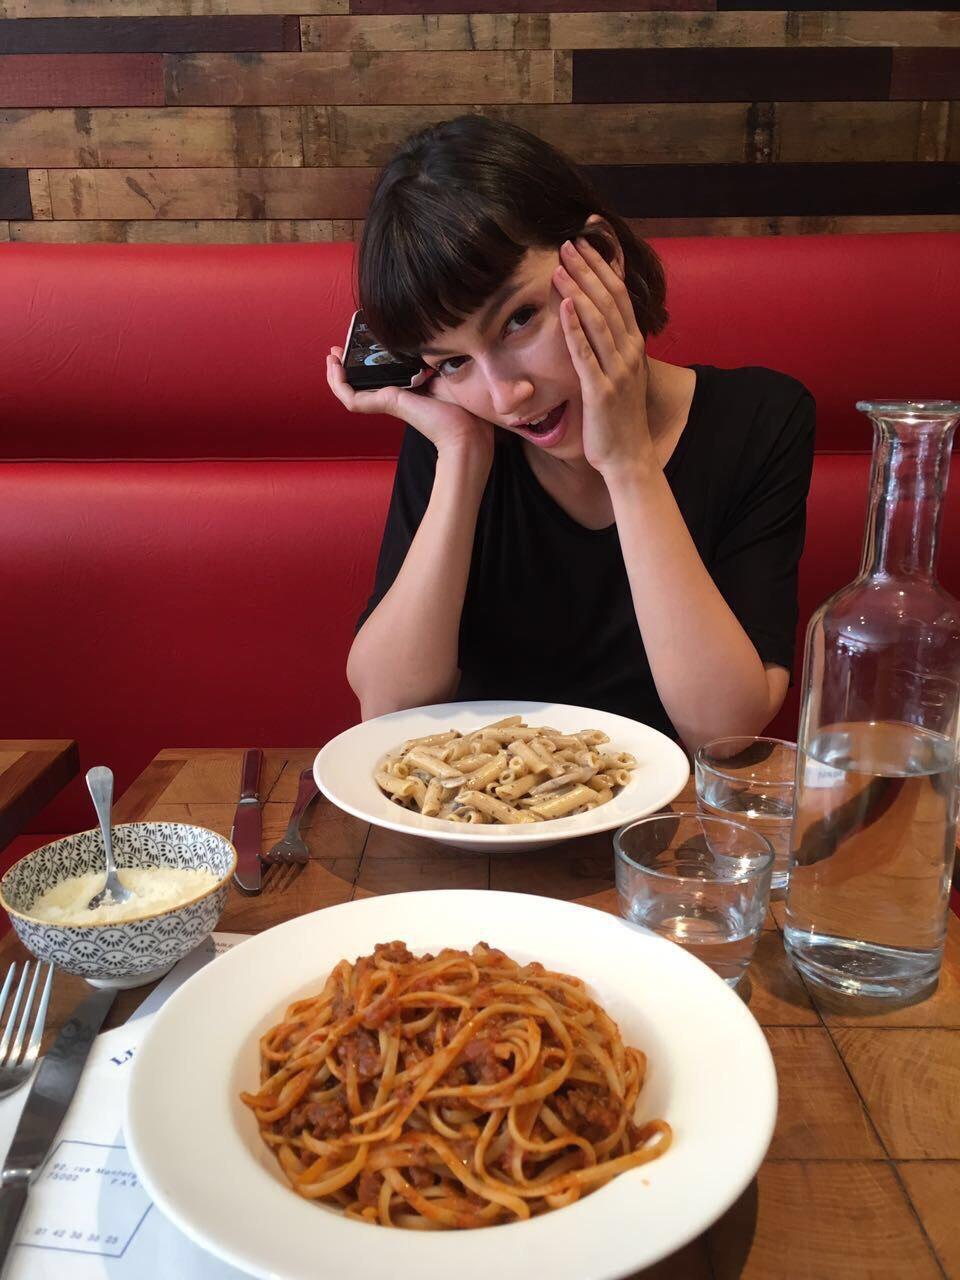 Frente a un plato de pasta. Foto: cedida